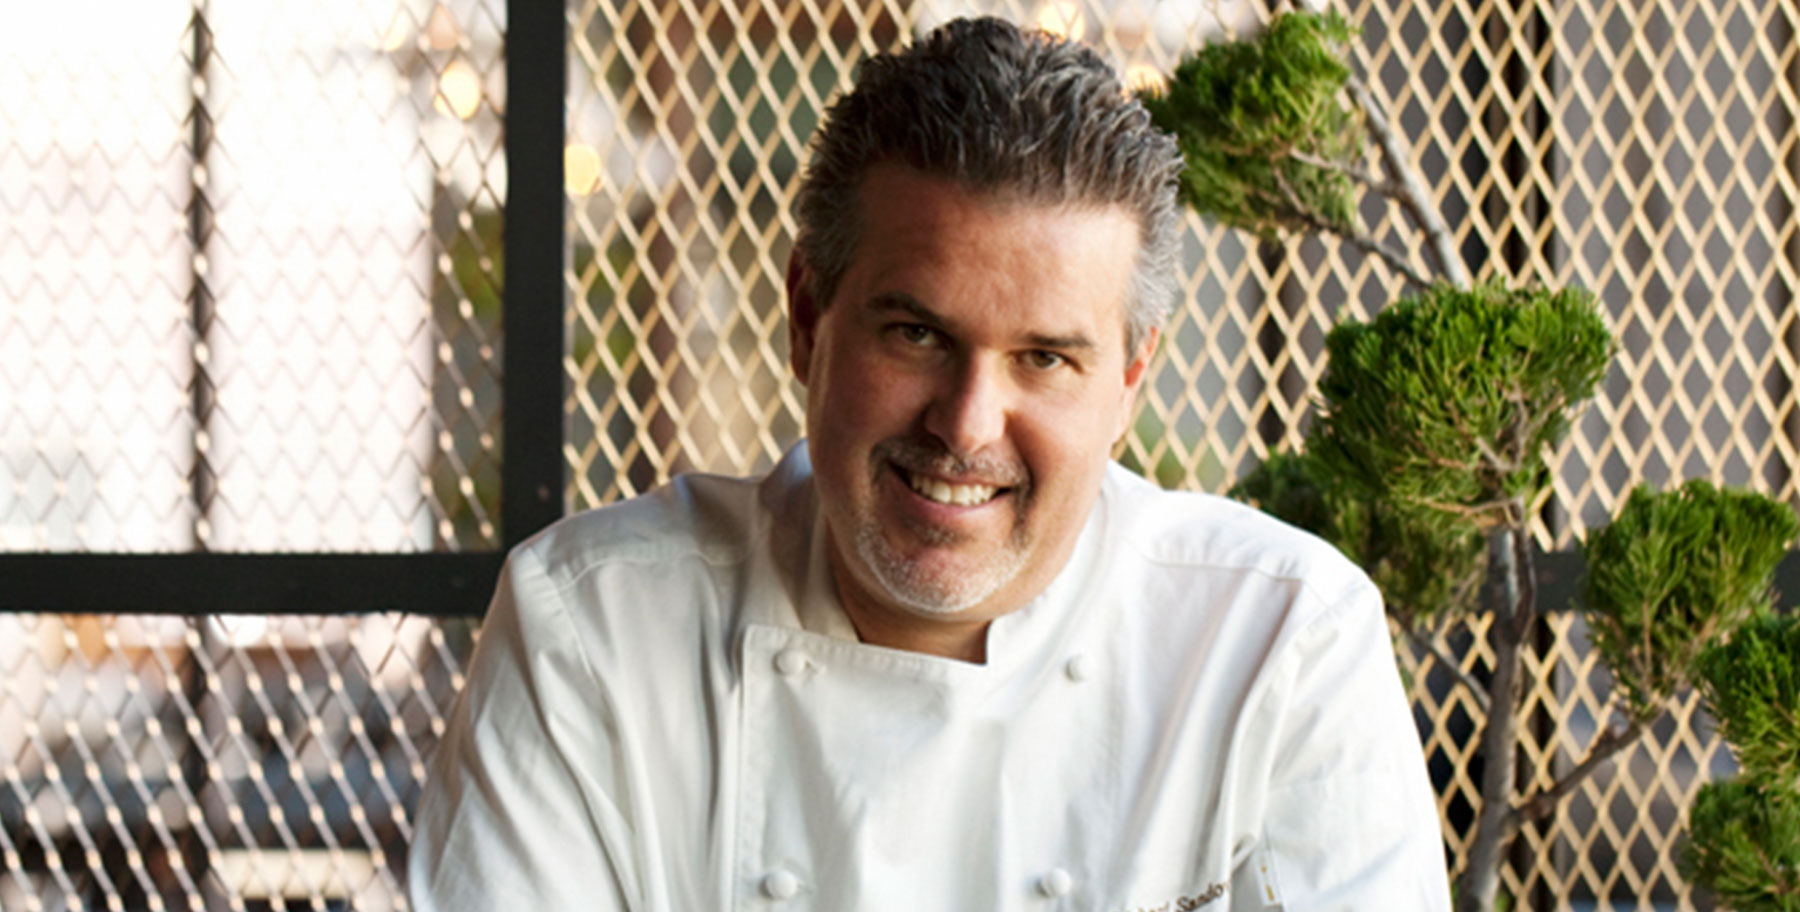 Chef Richard Sandoval